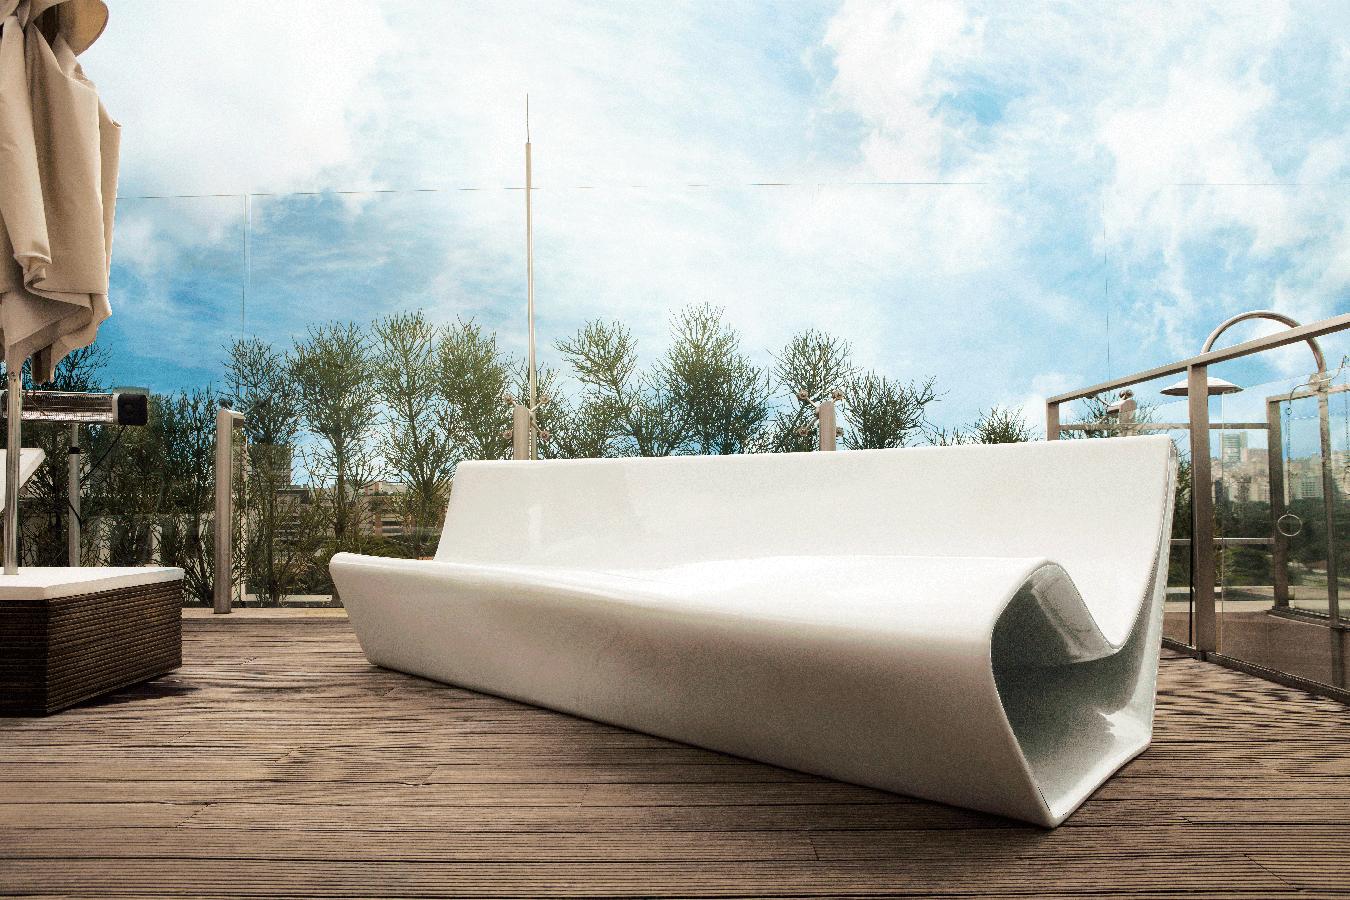 sofa-rph-design-fabio-novembre-hotel-uni